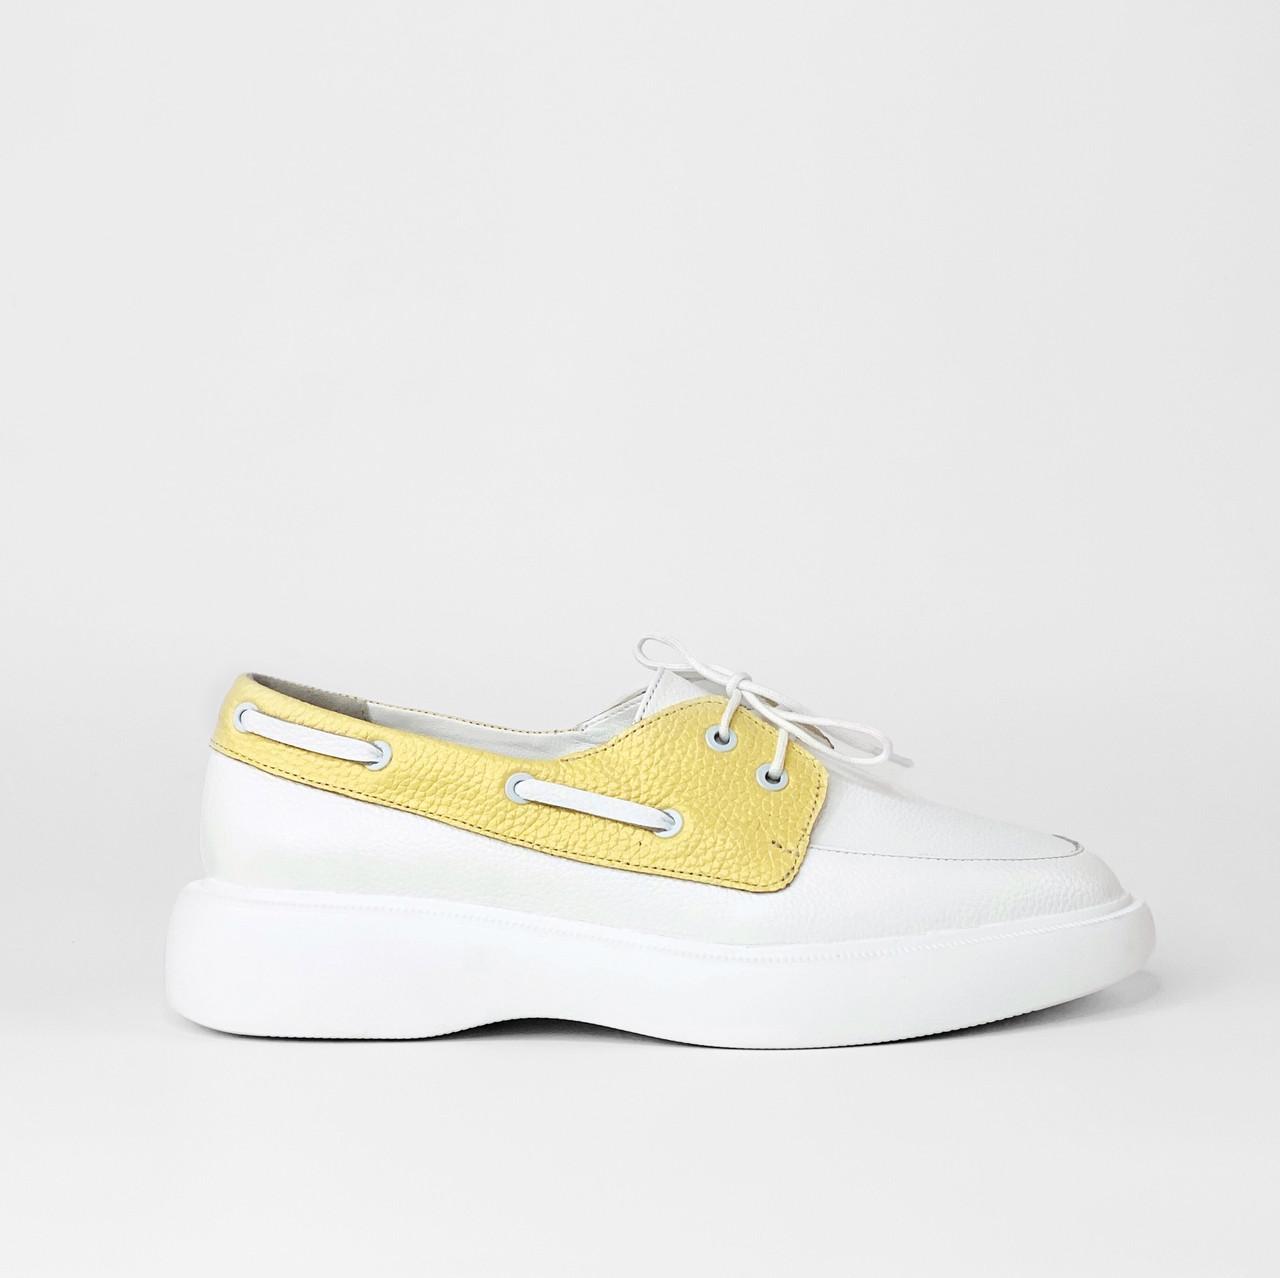 Женские туфли кожаные белые с жёлтыми вставками MORENTO